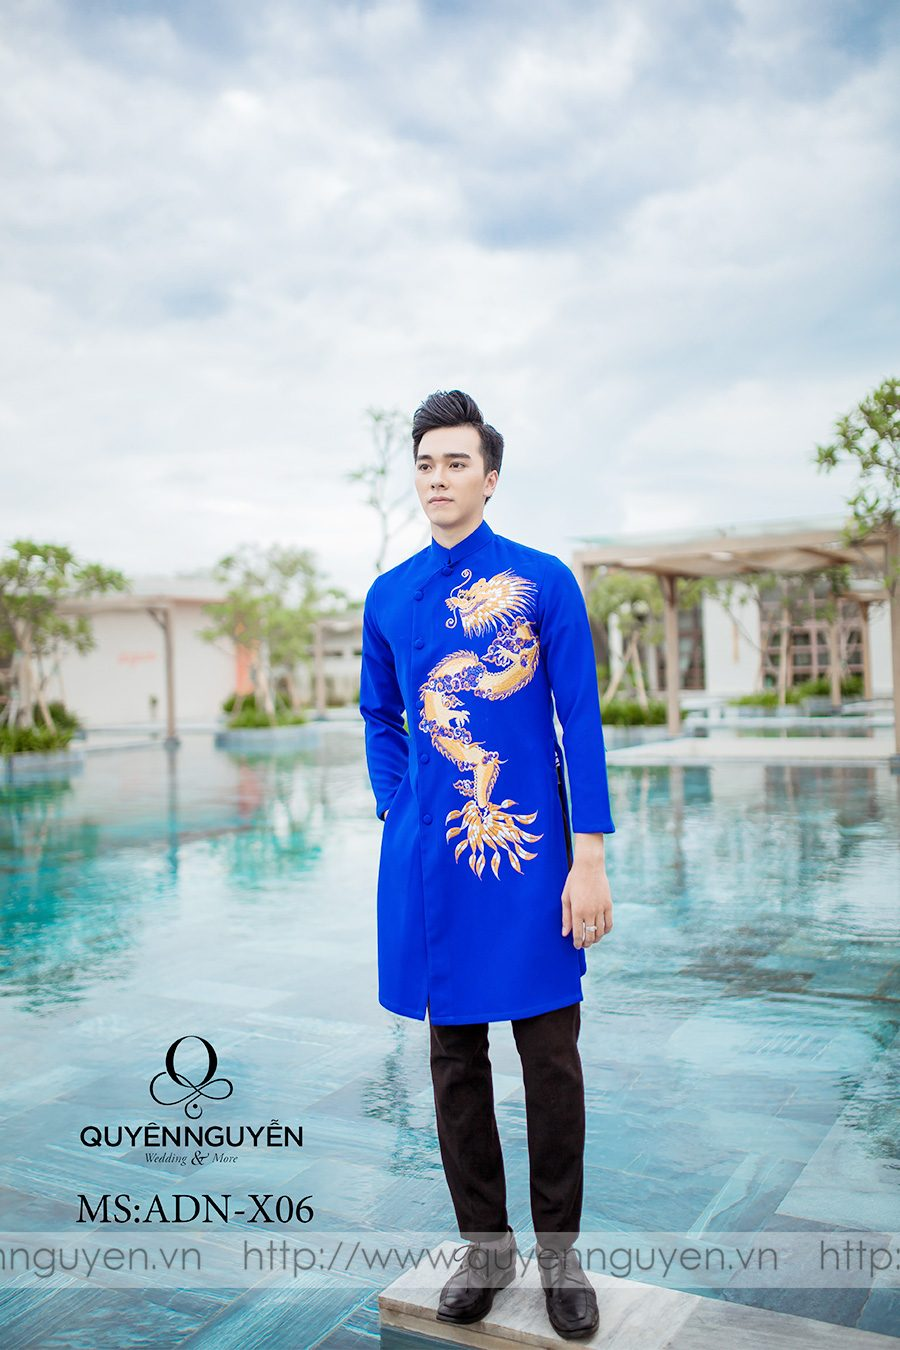 Địa chỉ cho thuê áo dài nam uy tín tại Hà Nội